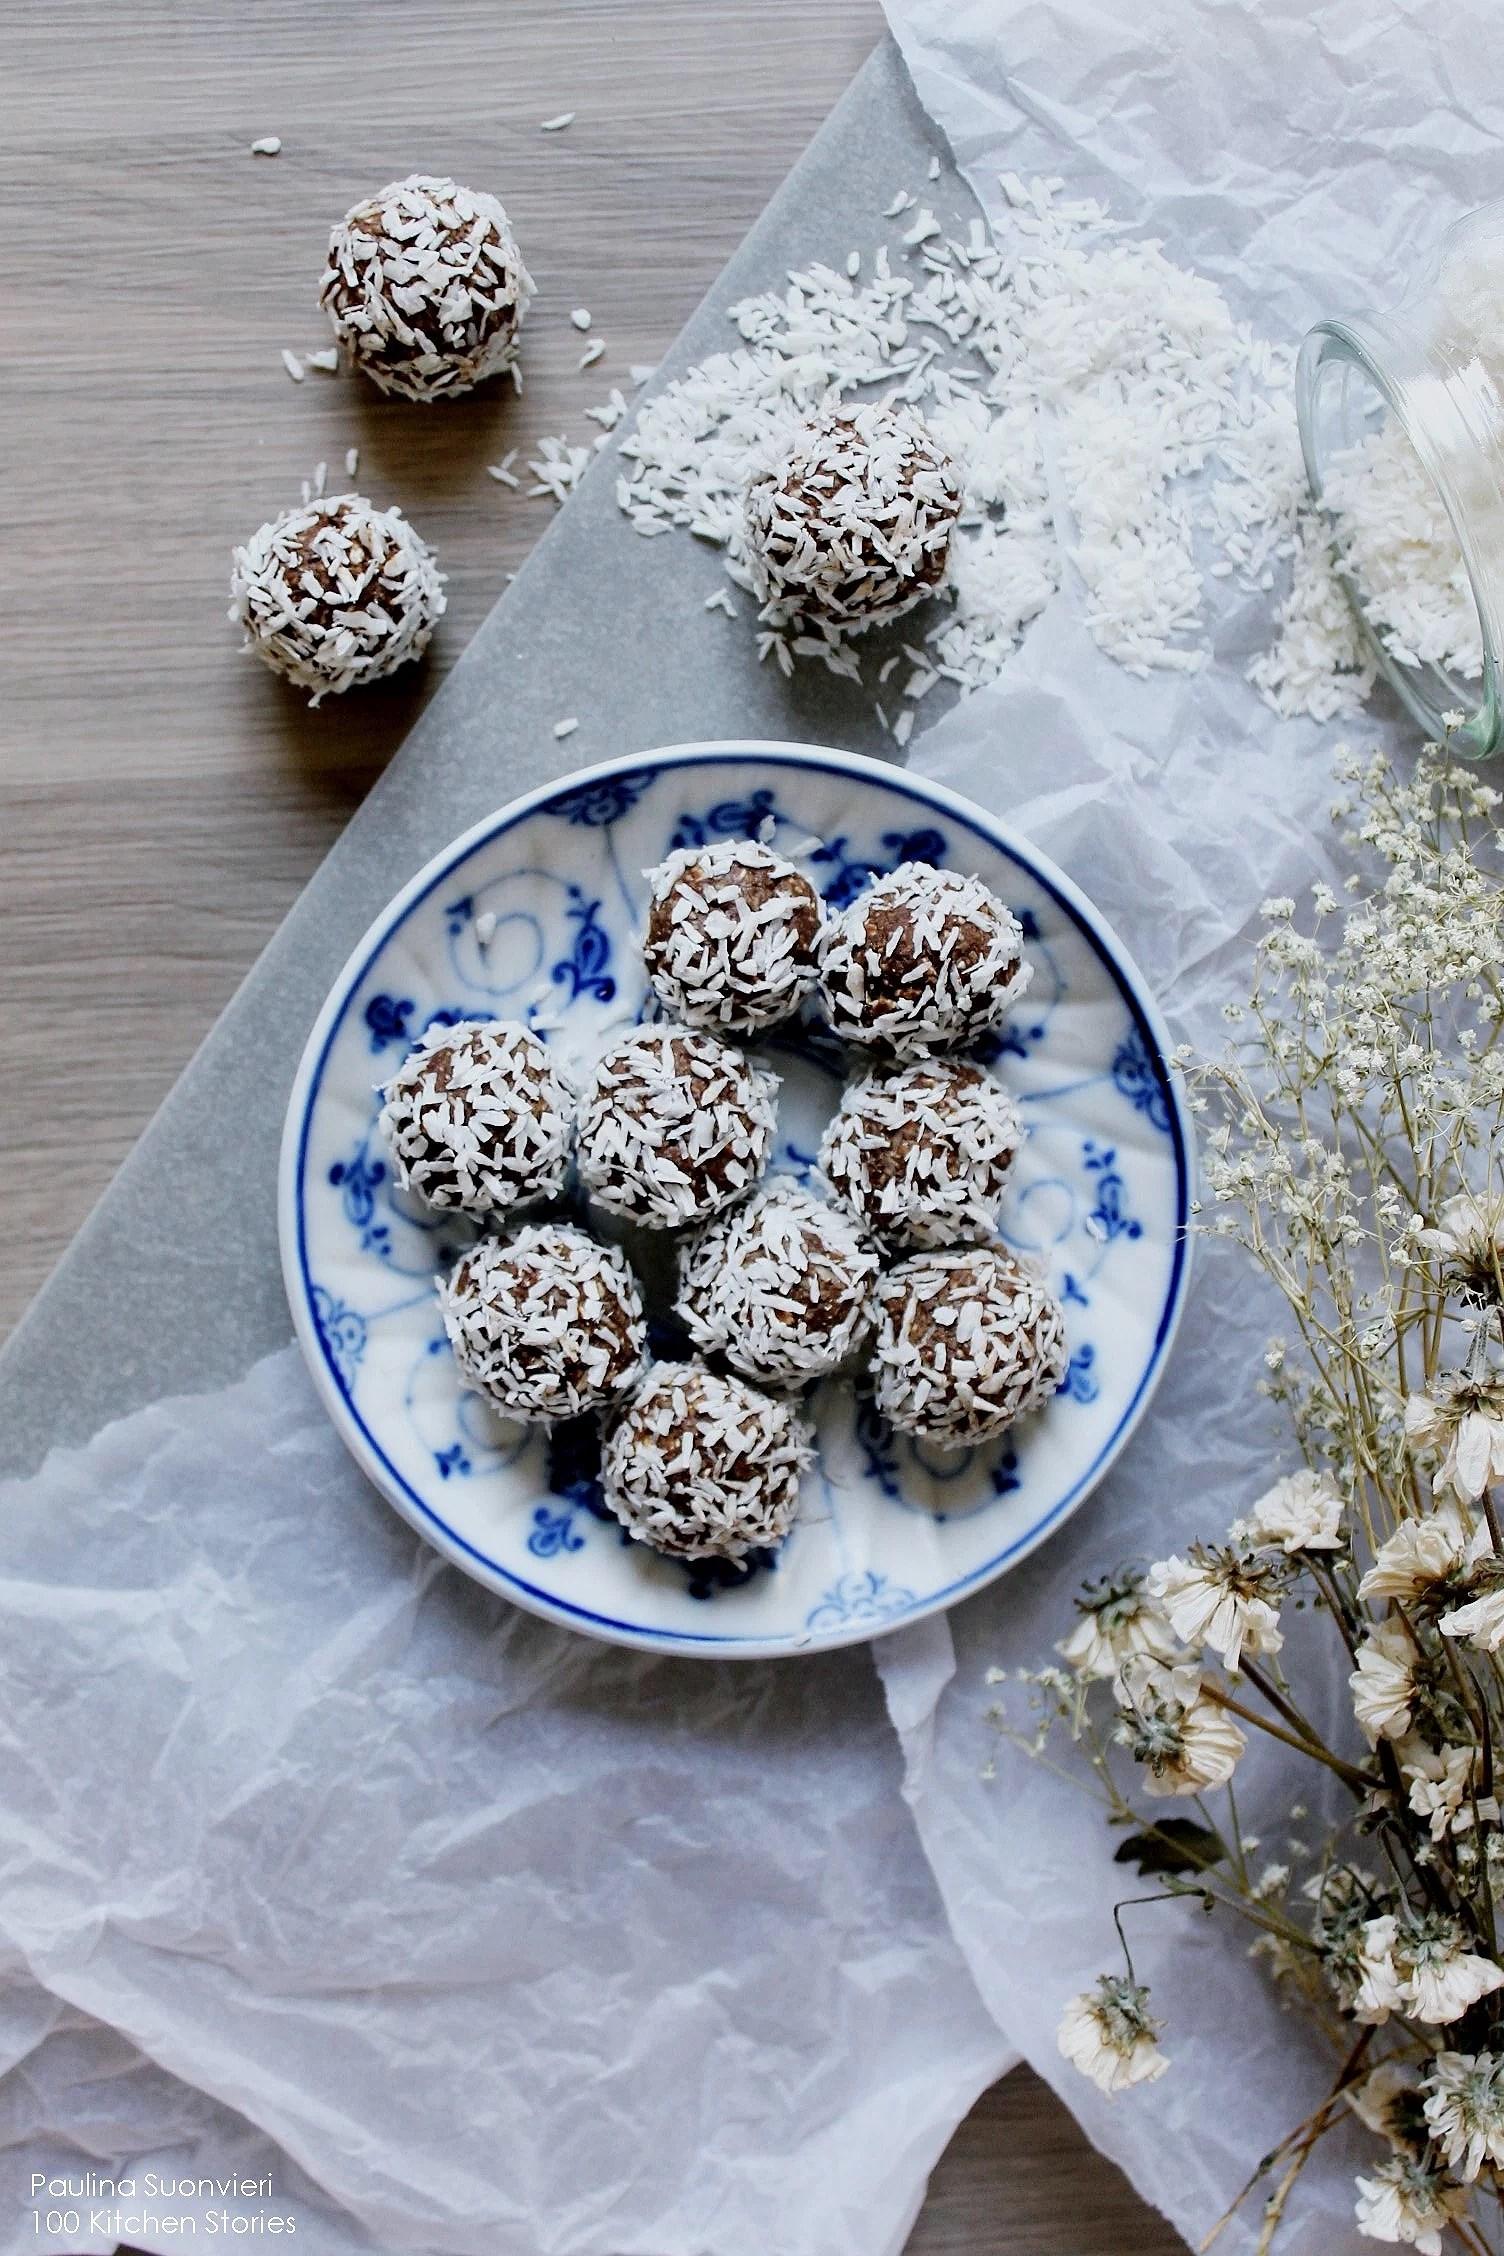 The Swedish Chocolate Ball Day + My Healthified Raw Vegan Recipe